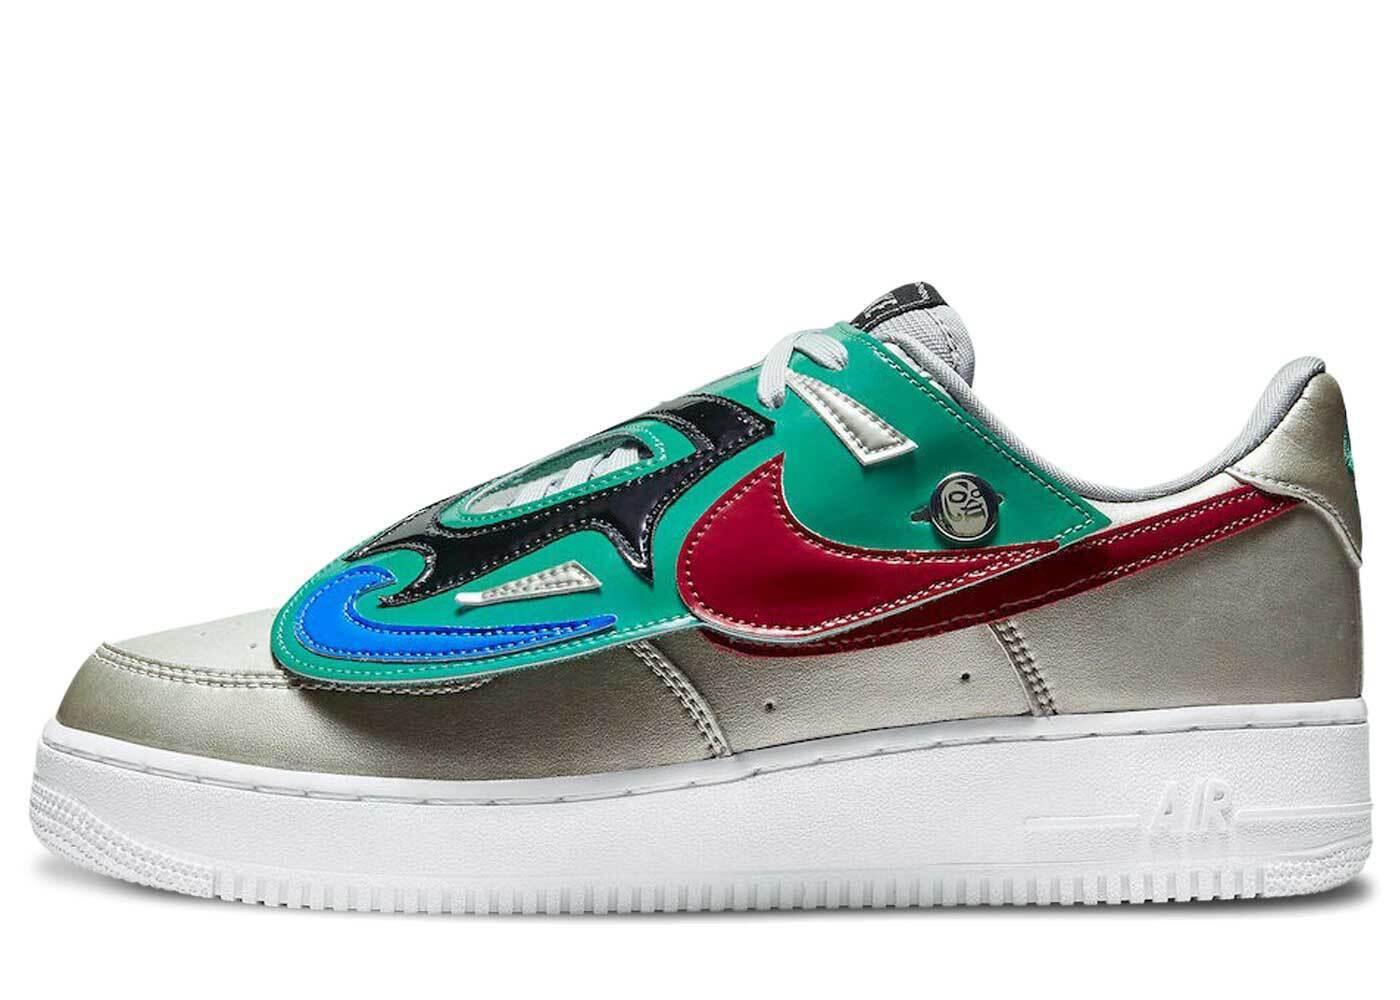 Nike Air Force 1 Low Lucha Libreの写真